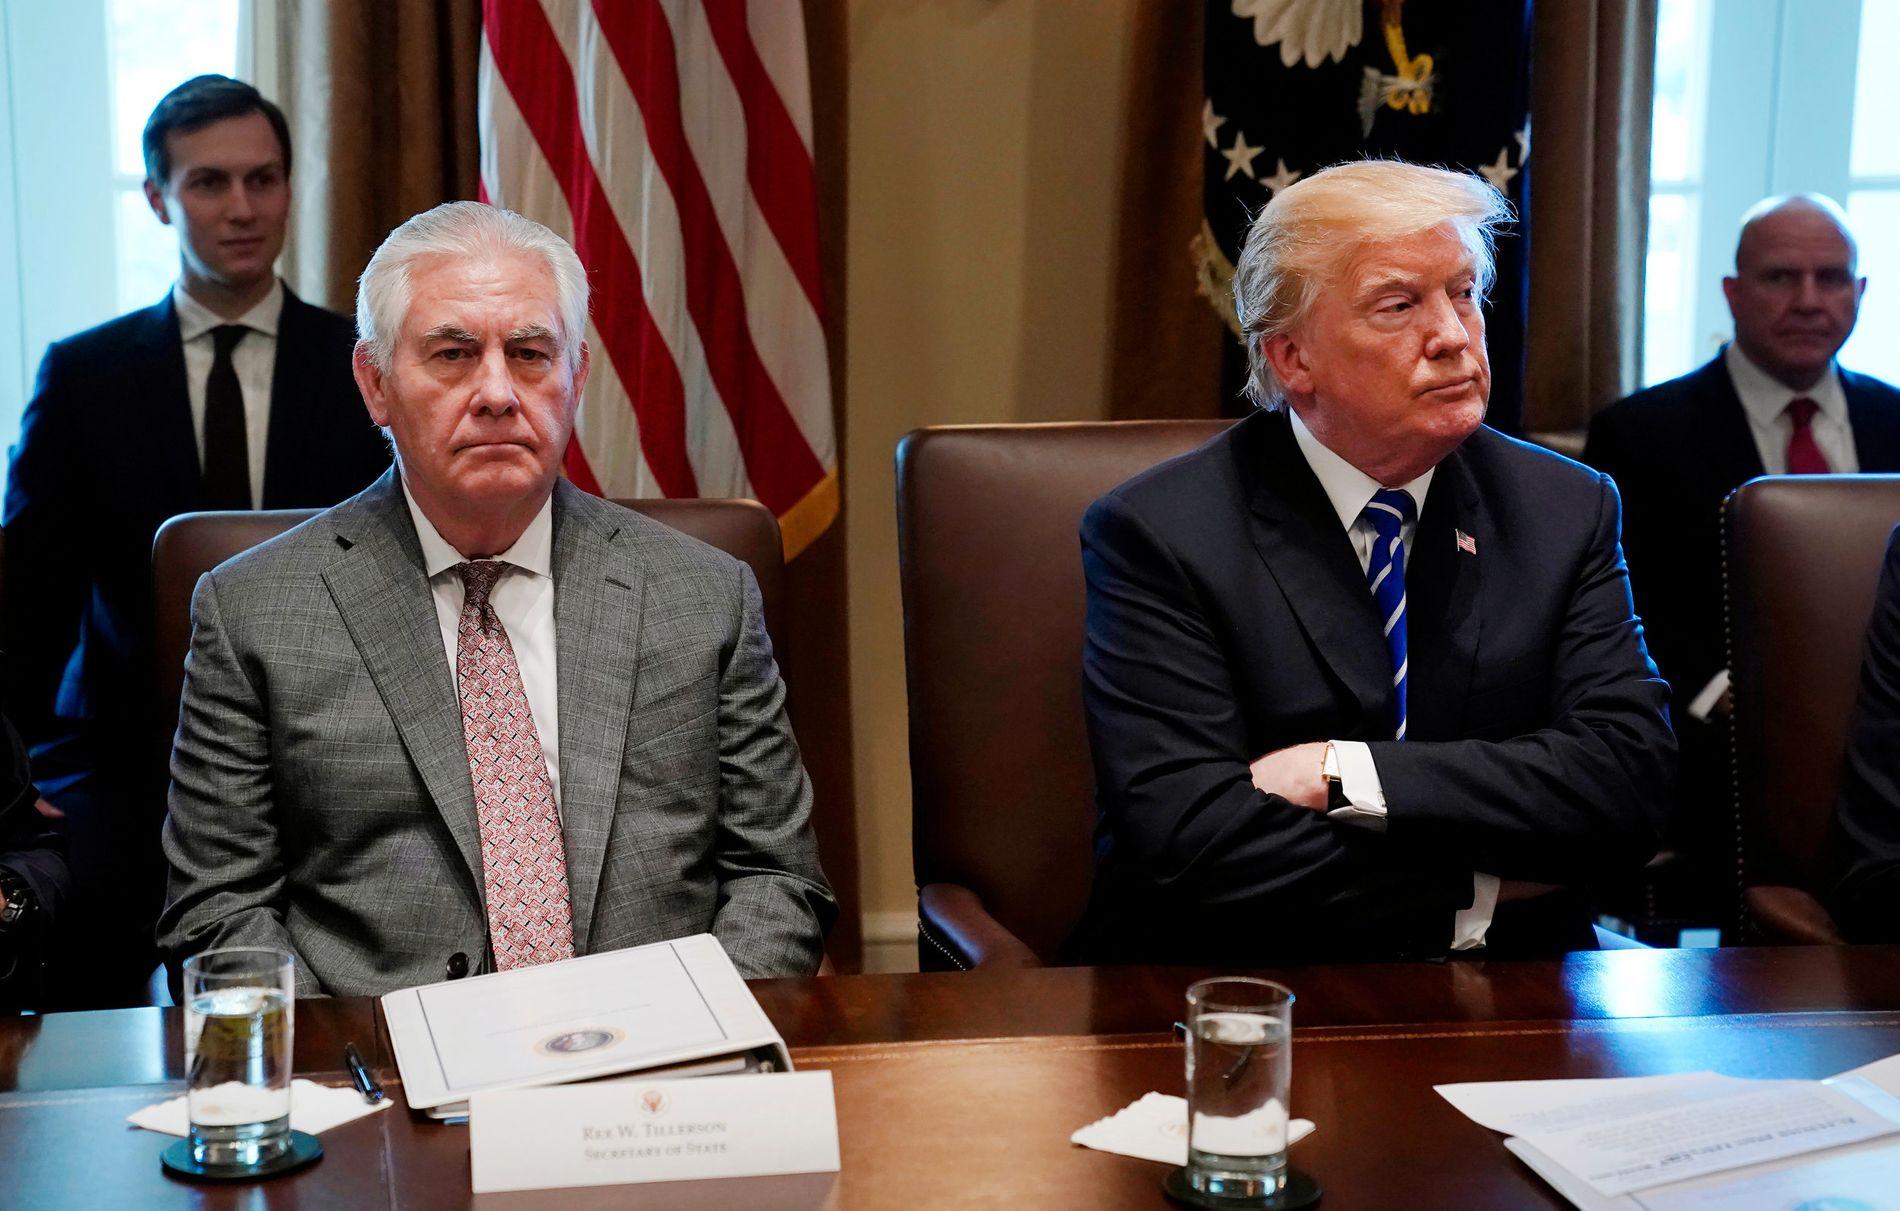 LABER STEMNING: Rex Tillerson satt fortsatt ved president Donald Trumps siden under kabinettmøtet i Det hvite hus 20. november. Men snart kan Rex Tillersons dager som utenriksminister være talte.